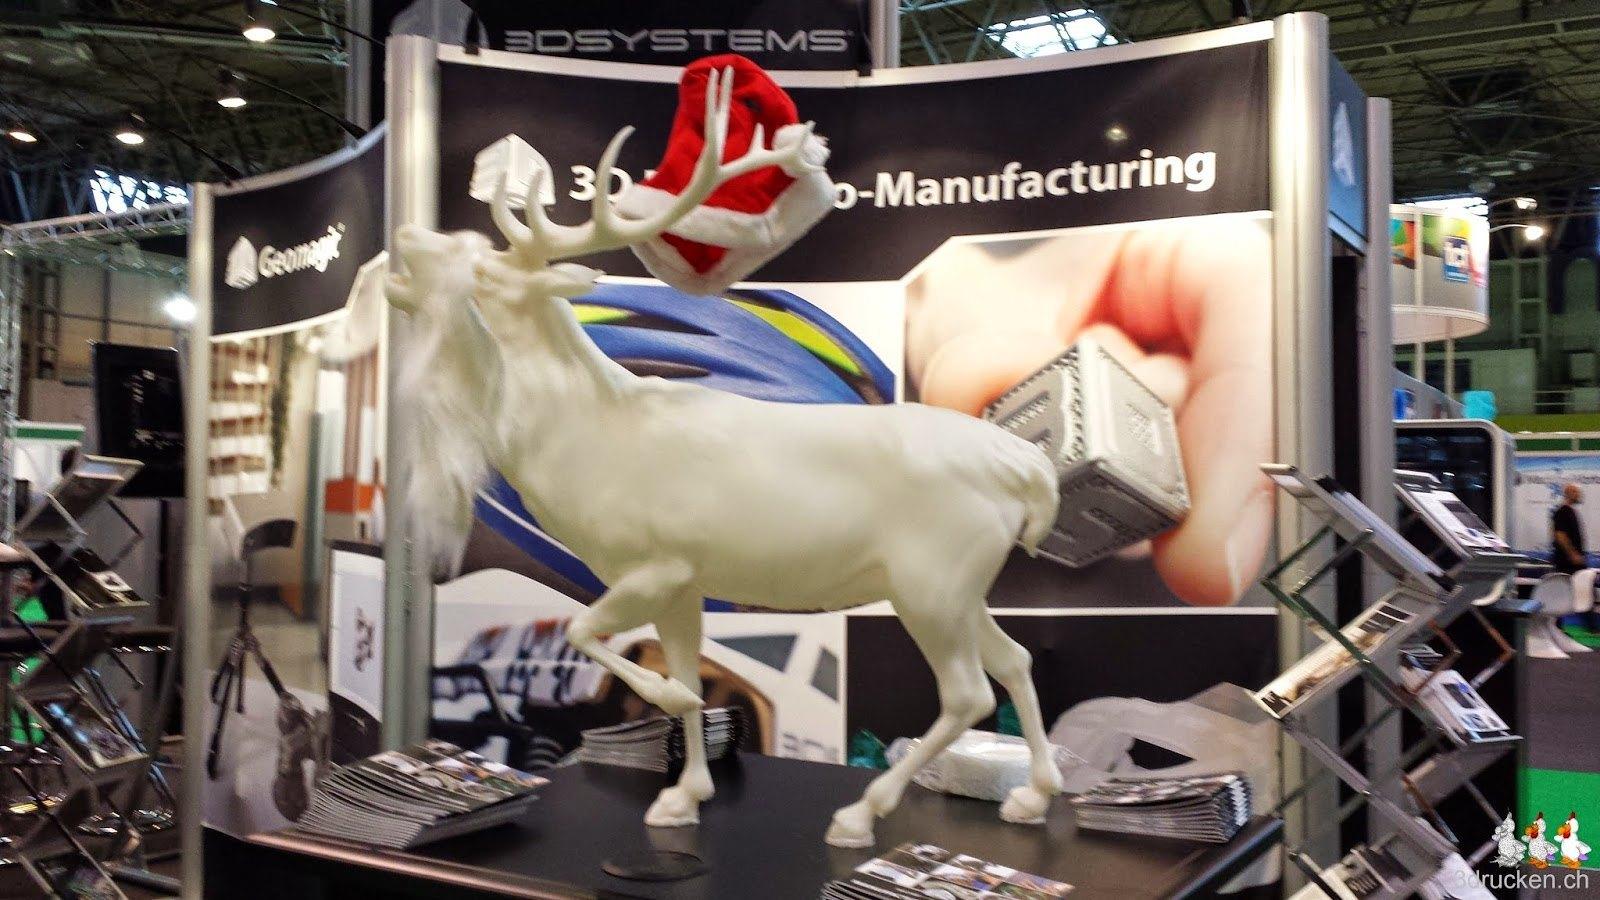 Foto des grossen Hirschs am Stand von 3D Systems